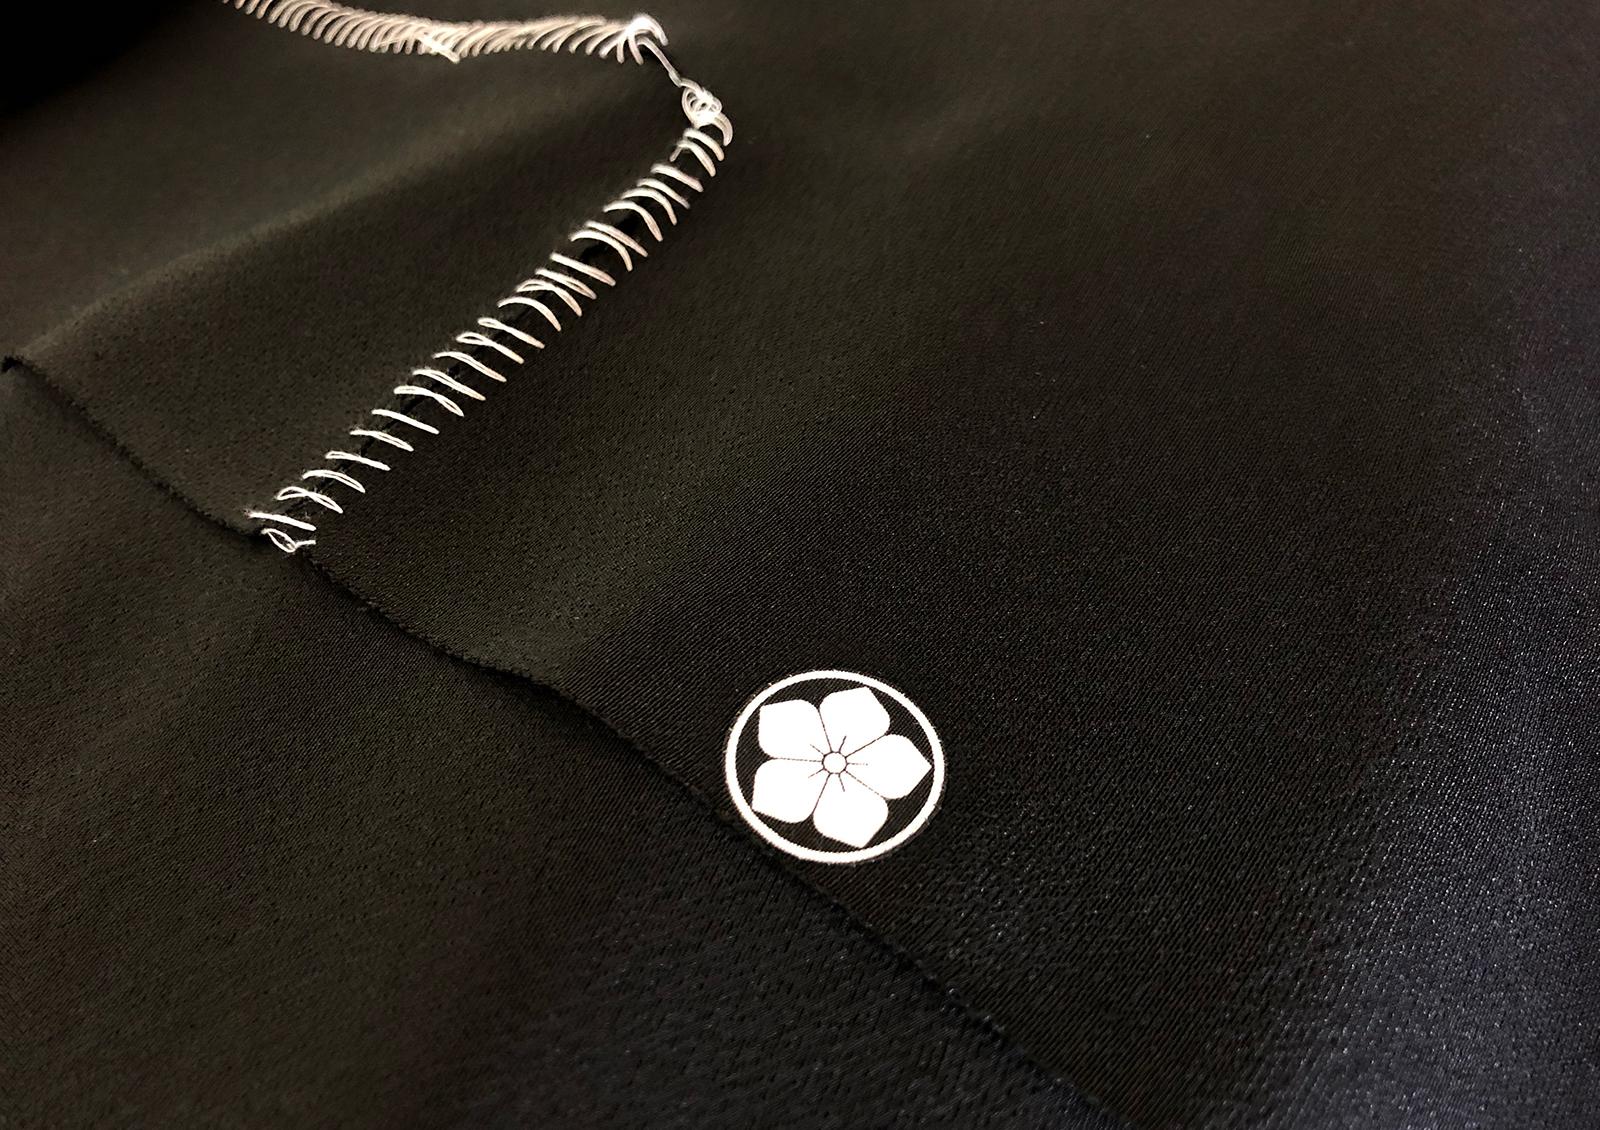 「糸輪に桔梗」の貼り紋。とは気づかれないのでは?